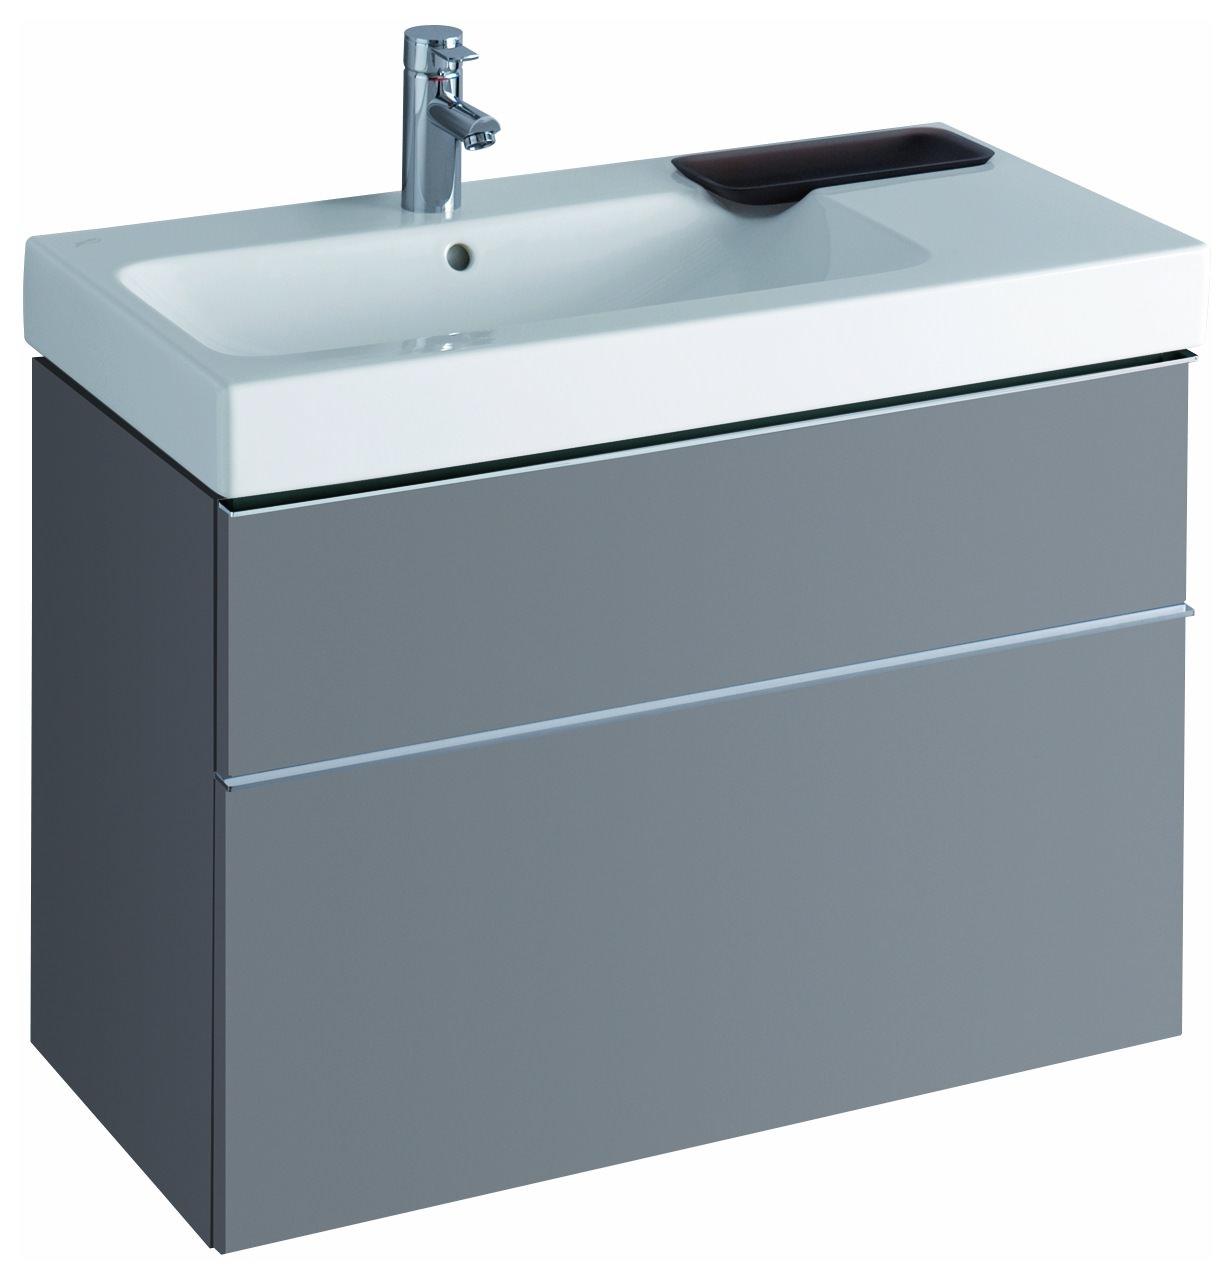 keramag icon waschtischunterschrank 890x620x477mm platin. Black Bedroom Furniture Sets. Home Design Ideas